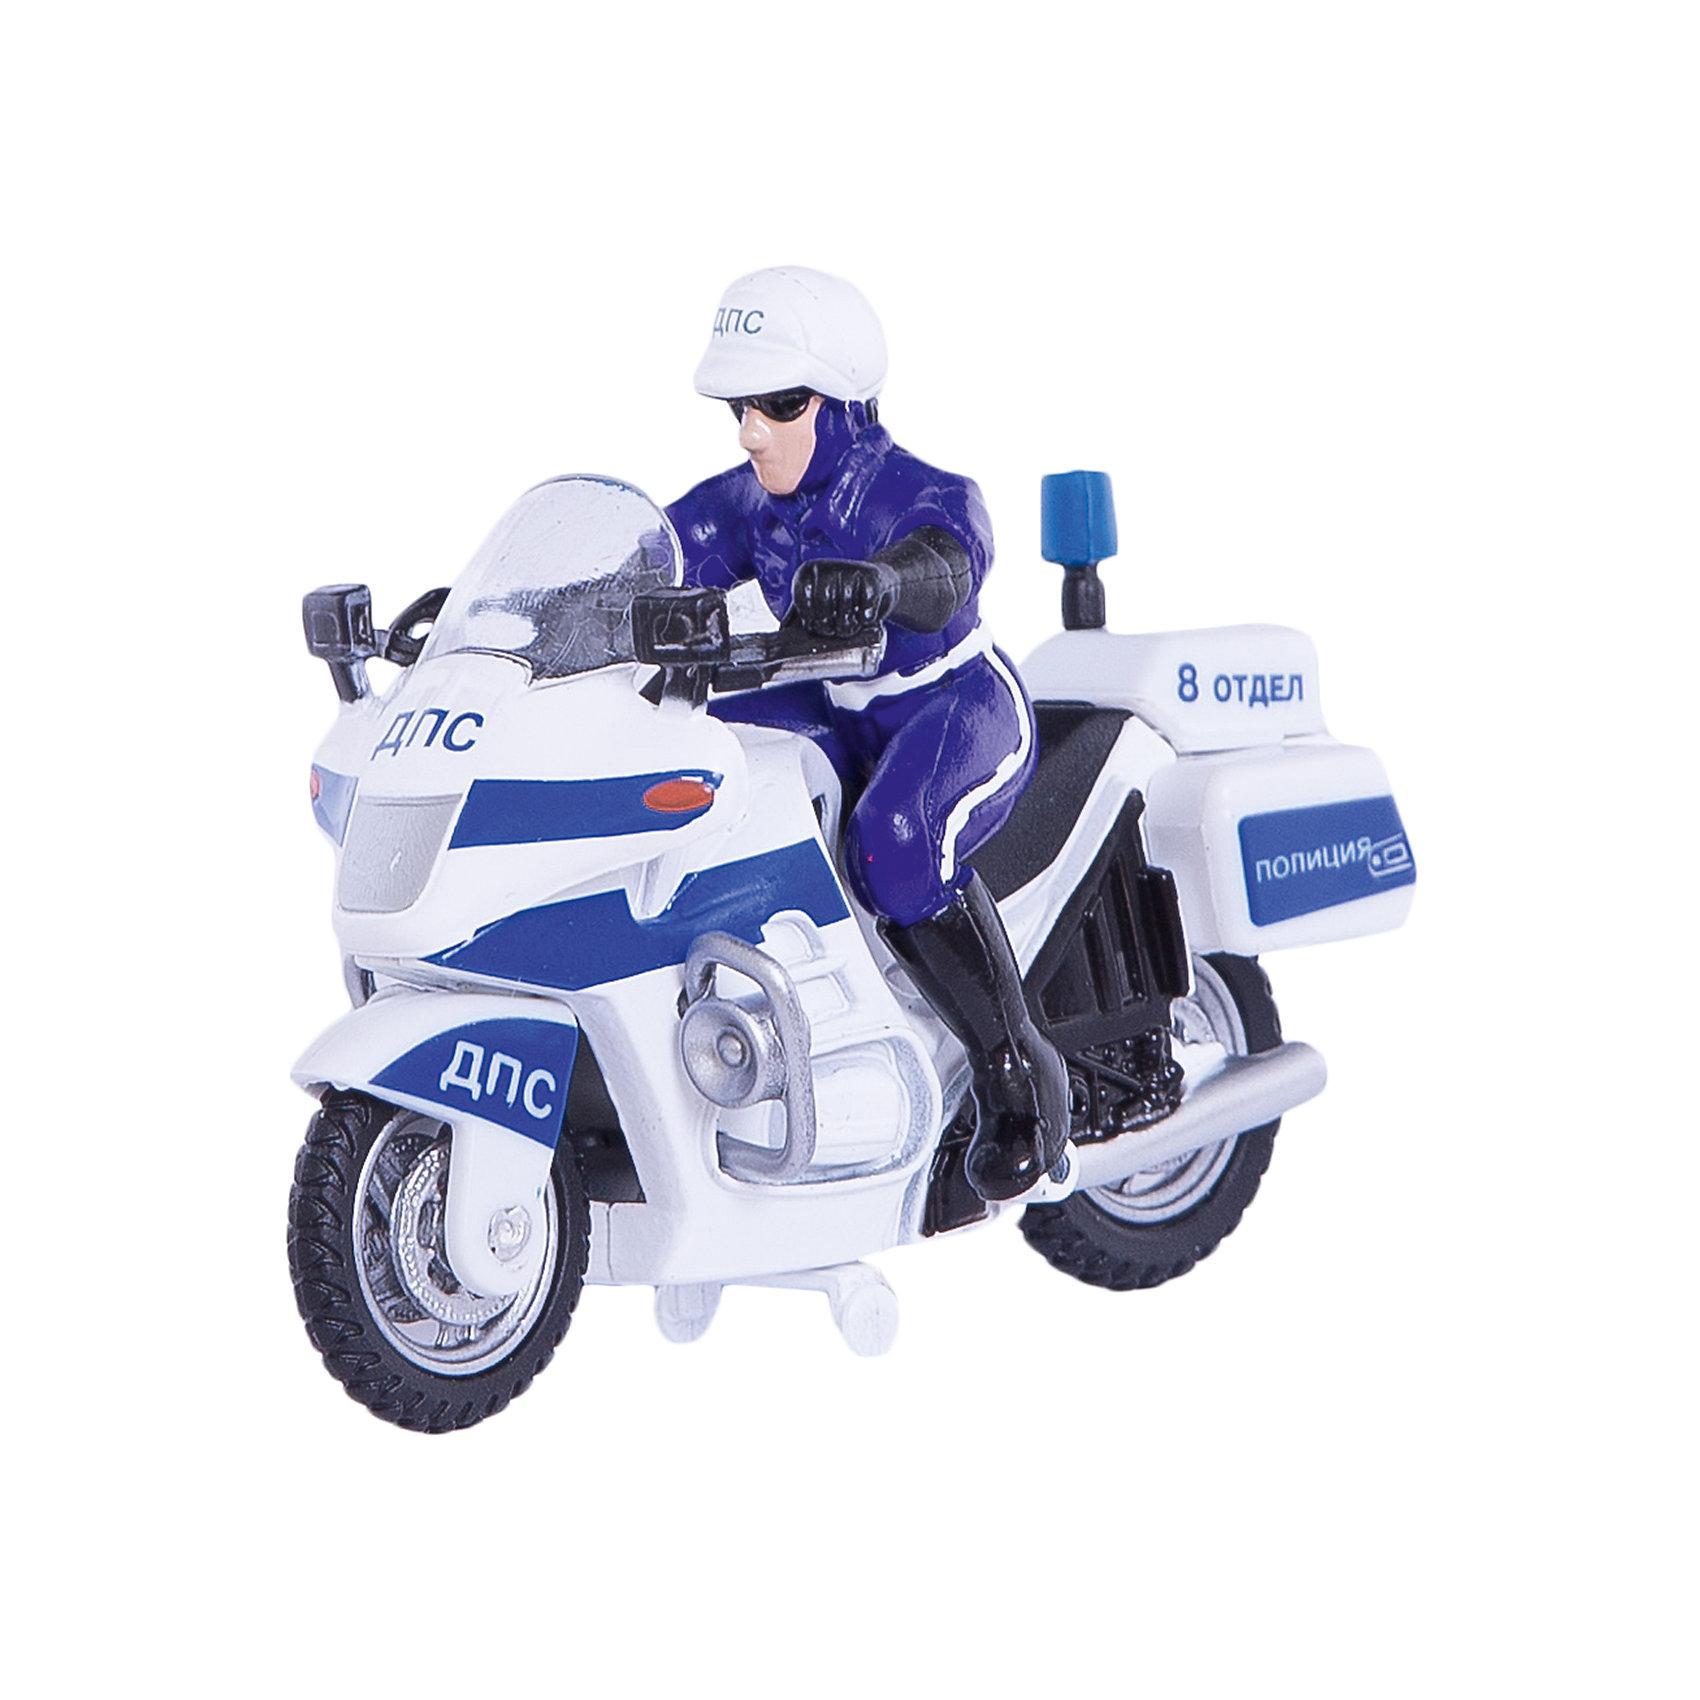 ТЕХНОПАРК Металлический мотоциклКоллекционная модель Технопарк. <br><br>Игрушка - мотоцикл дорожно-патрульной службы с инспектором в форме сотрудника ДПС. Фигурка полицейского снимается.<br>Игрушка мотоцикл окрашен в белый цвет с синими полосами и надписями ДПС. <br><br>Мотоцикл имеет инерционный привод, резиновые шины снимаются с колес. <br><br>Изготовлен из химически стойких и экологически безопасных материалов. <br><br>Дополнительная информация:<br><br>Цвета: синий и белый. <br><br>Материал: металл с элементами пластика.<br><br>Размер мотоцикла: около 11 см.<br><br>Размеры упаковки: 17 х 15 х 5 см.<br><br>Вес: 170 г.<br><br>Мотоцикл порадует всех любителей дорожных приключений!<br><br>Ширина мм: 50<br>Глубина мм: 170<br>Высота мм: 150<br>Вес г: 170<br>Возраст от месяцев: 36<br>Возраст до месяцев: 120<br>Пол: Мужской<br>Возраст: Детский<br>SKU: 2149092